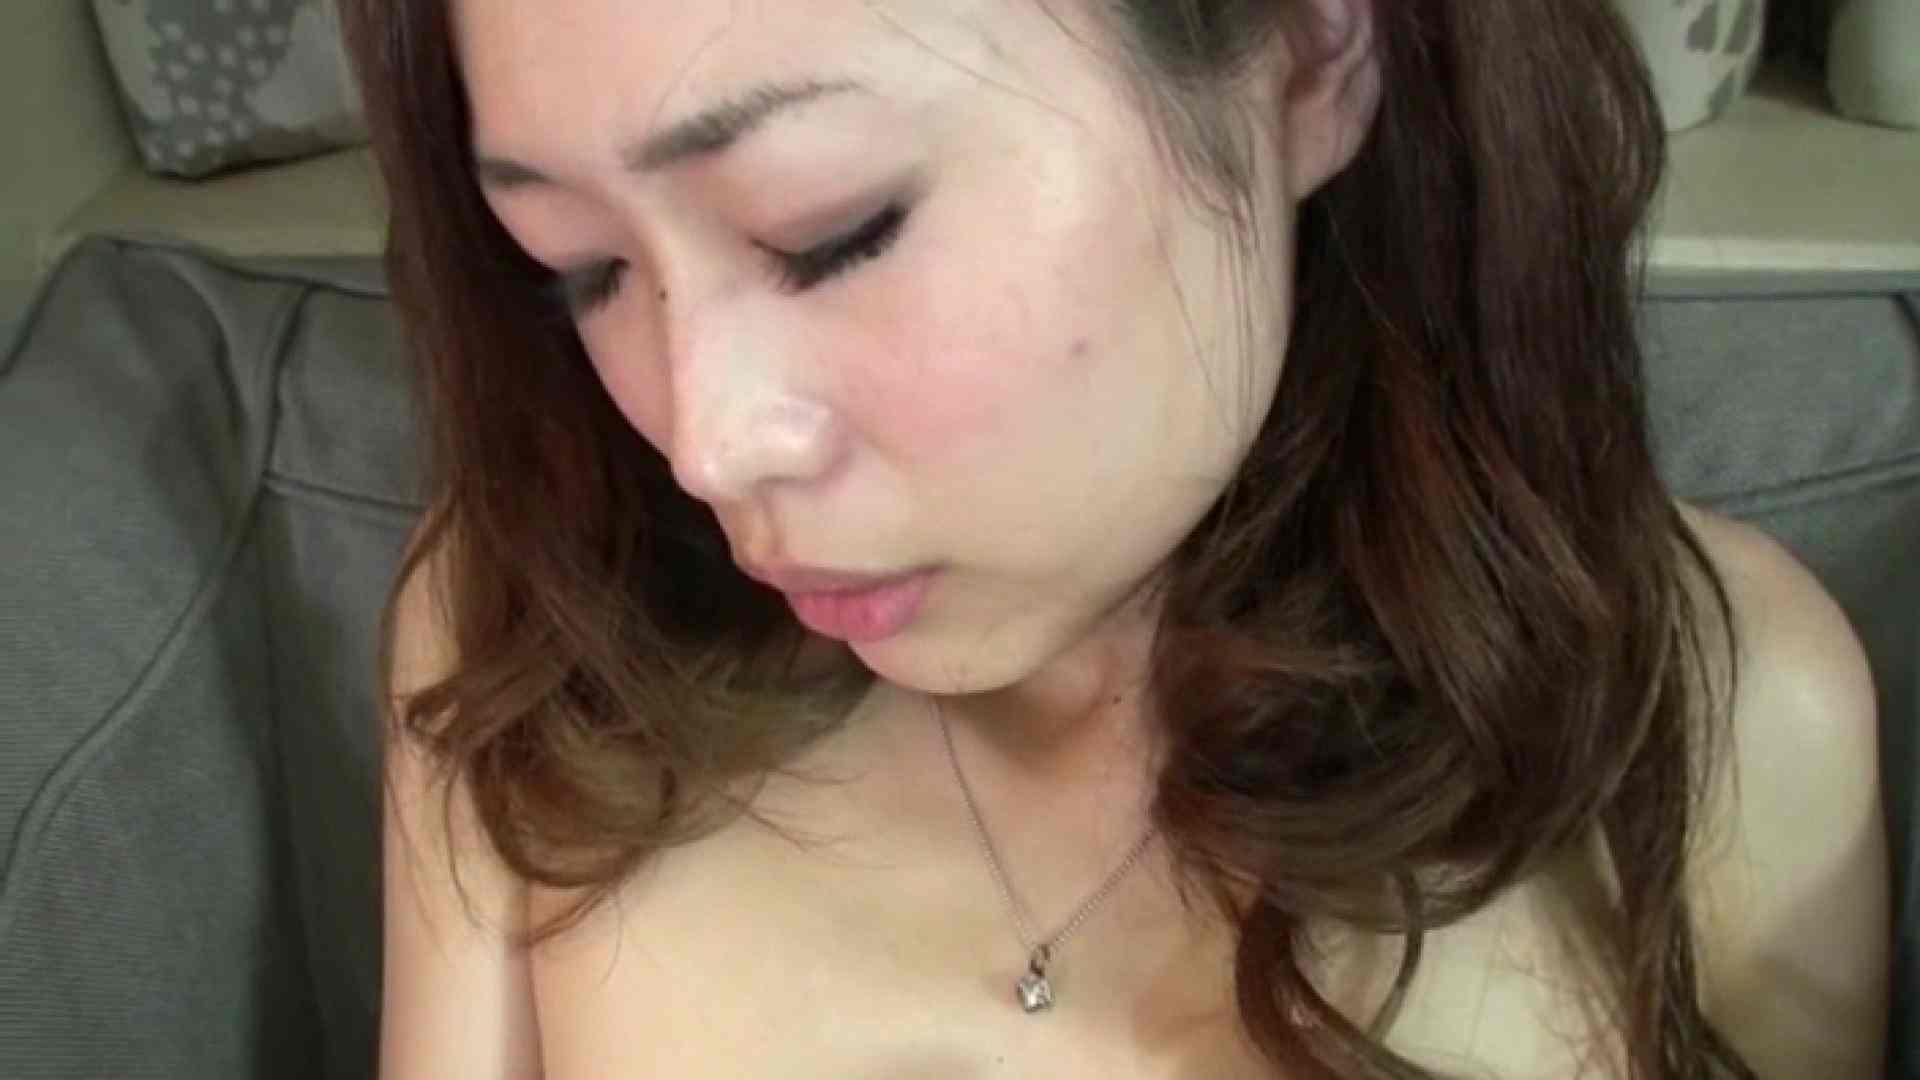 おしえてギャル子のH塾 Vol.34前編 マッサージ 盗撮動画紹介 103連発 83